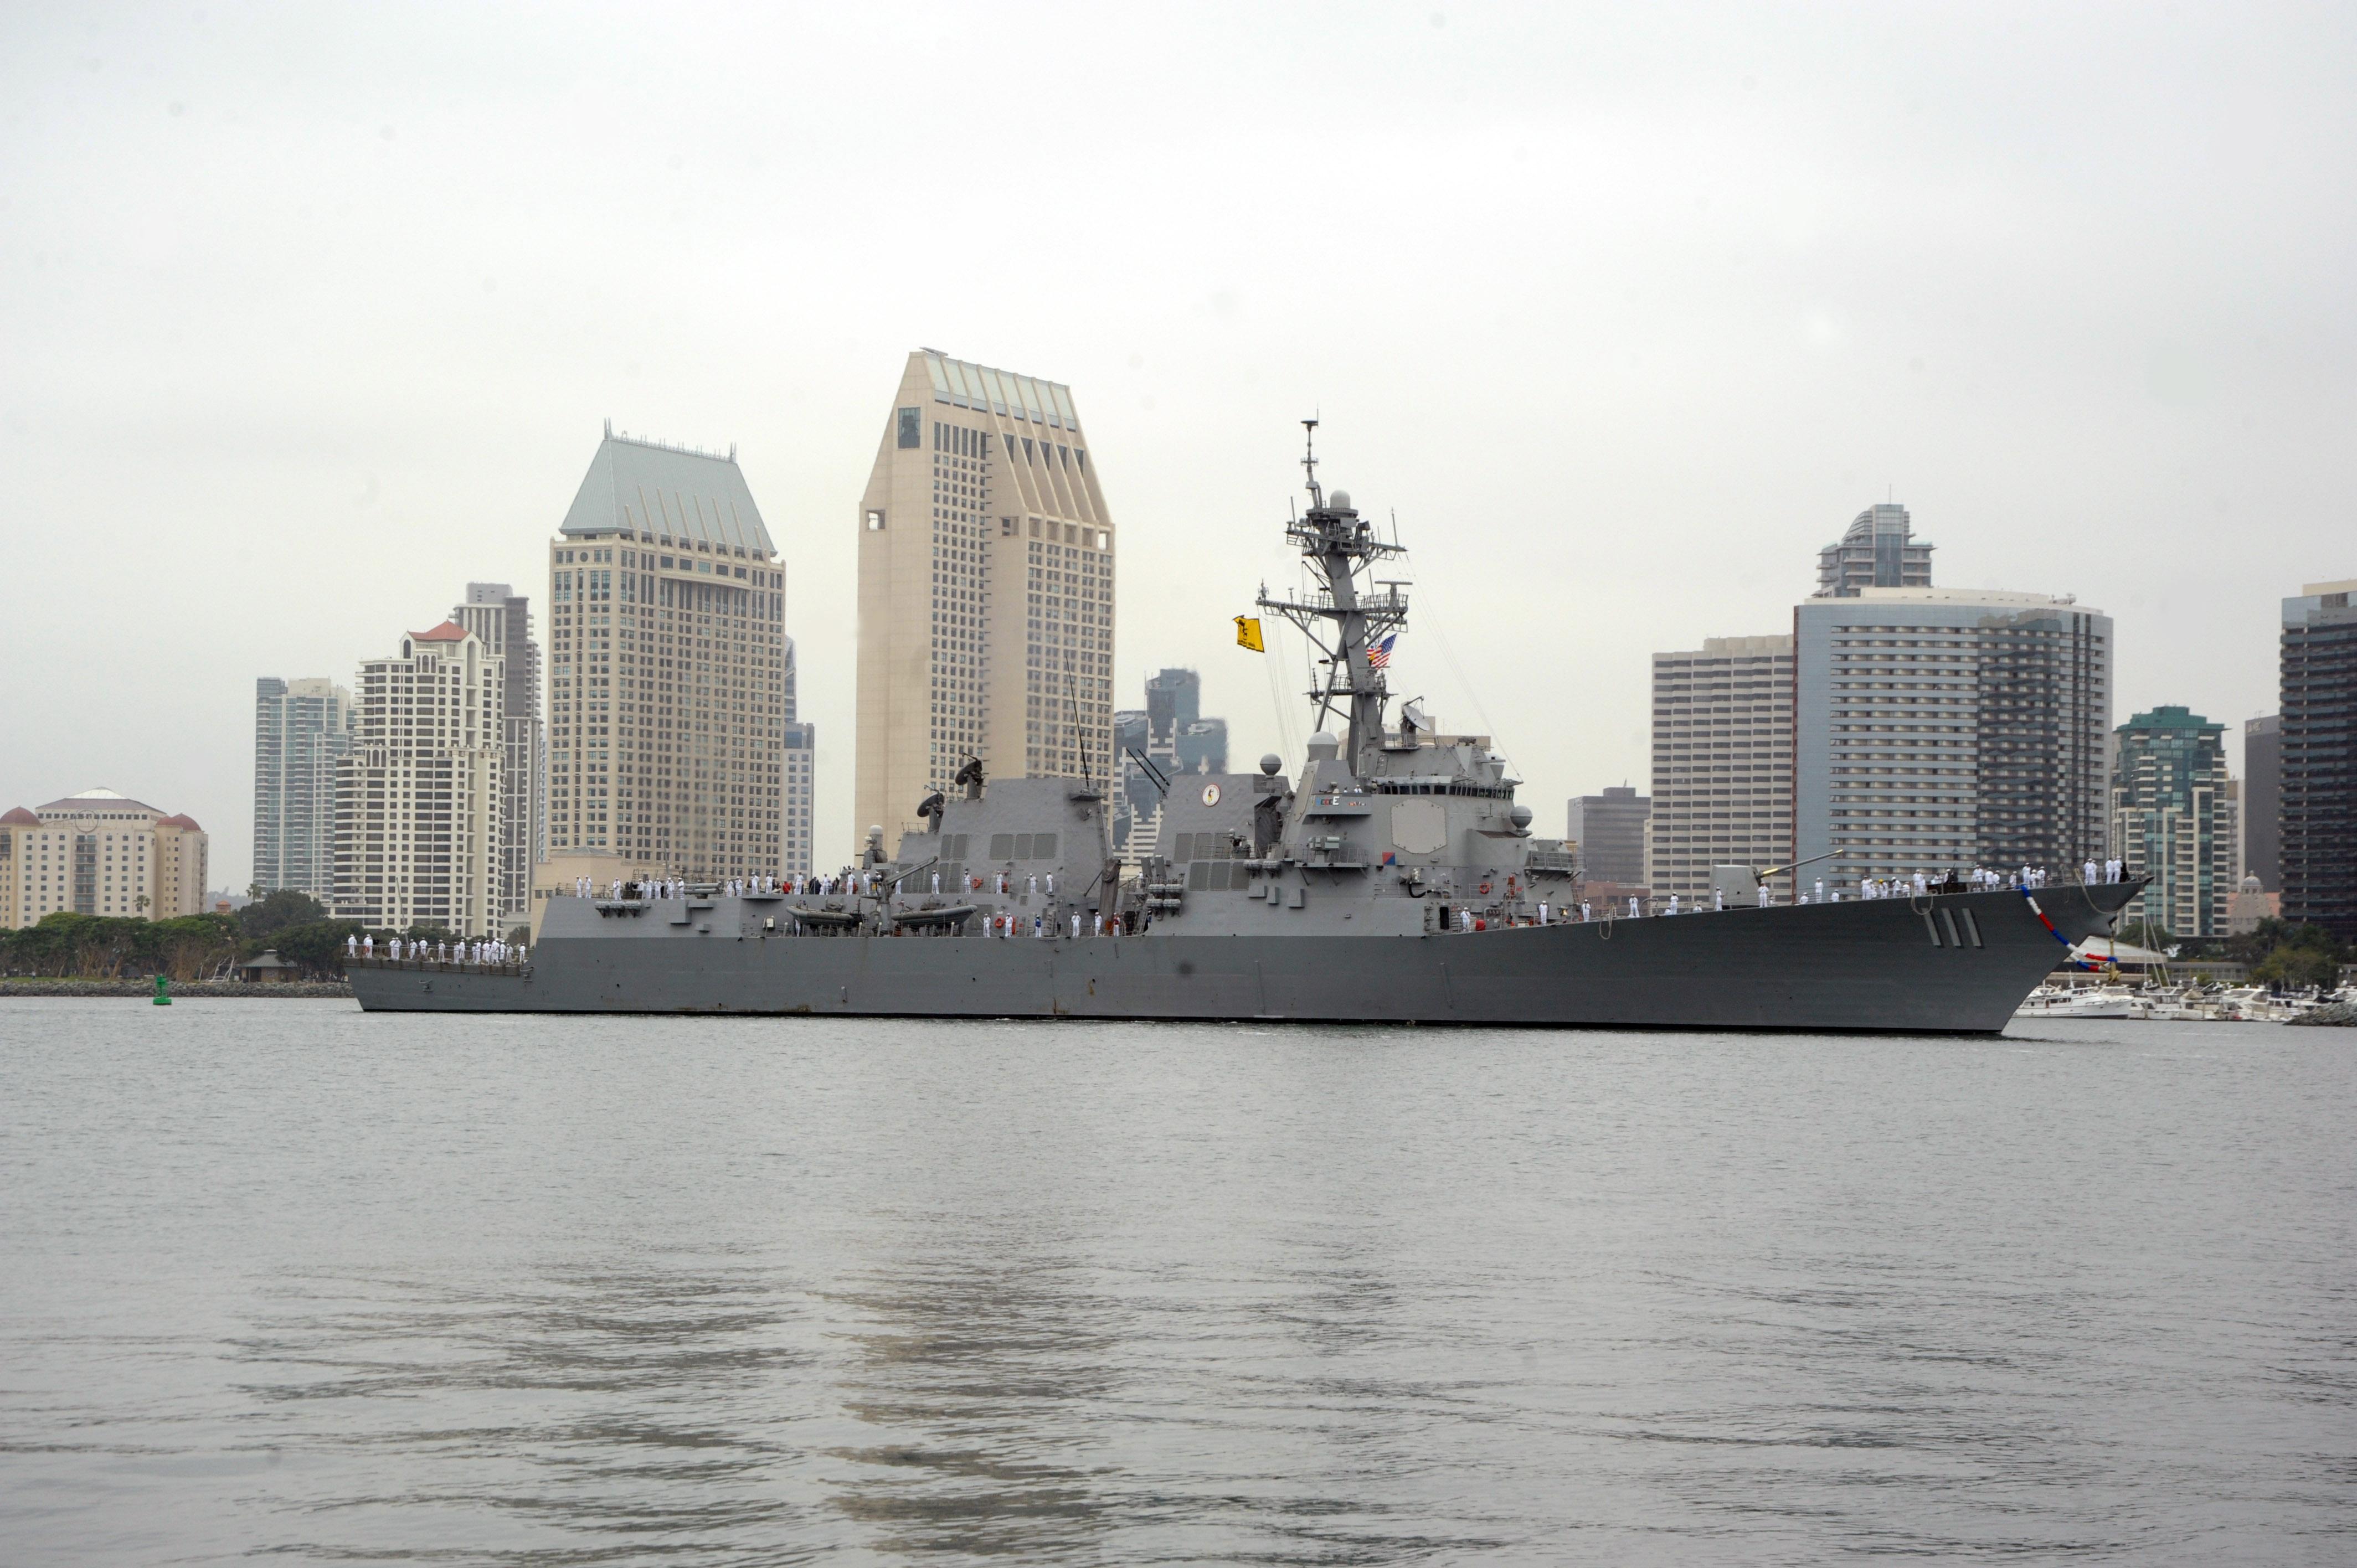 USS SPRUANCE DDG-111 Einlaufen San Diego am 17.04.2014 Bild: U.S. Navy